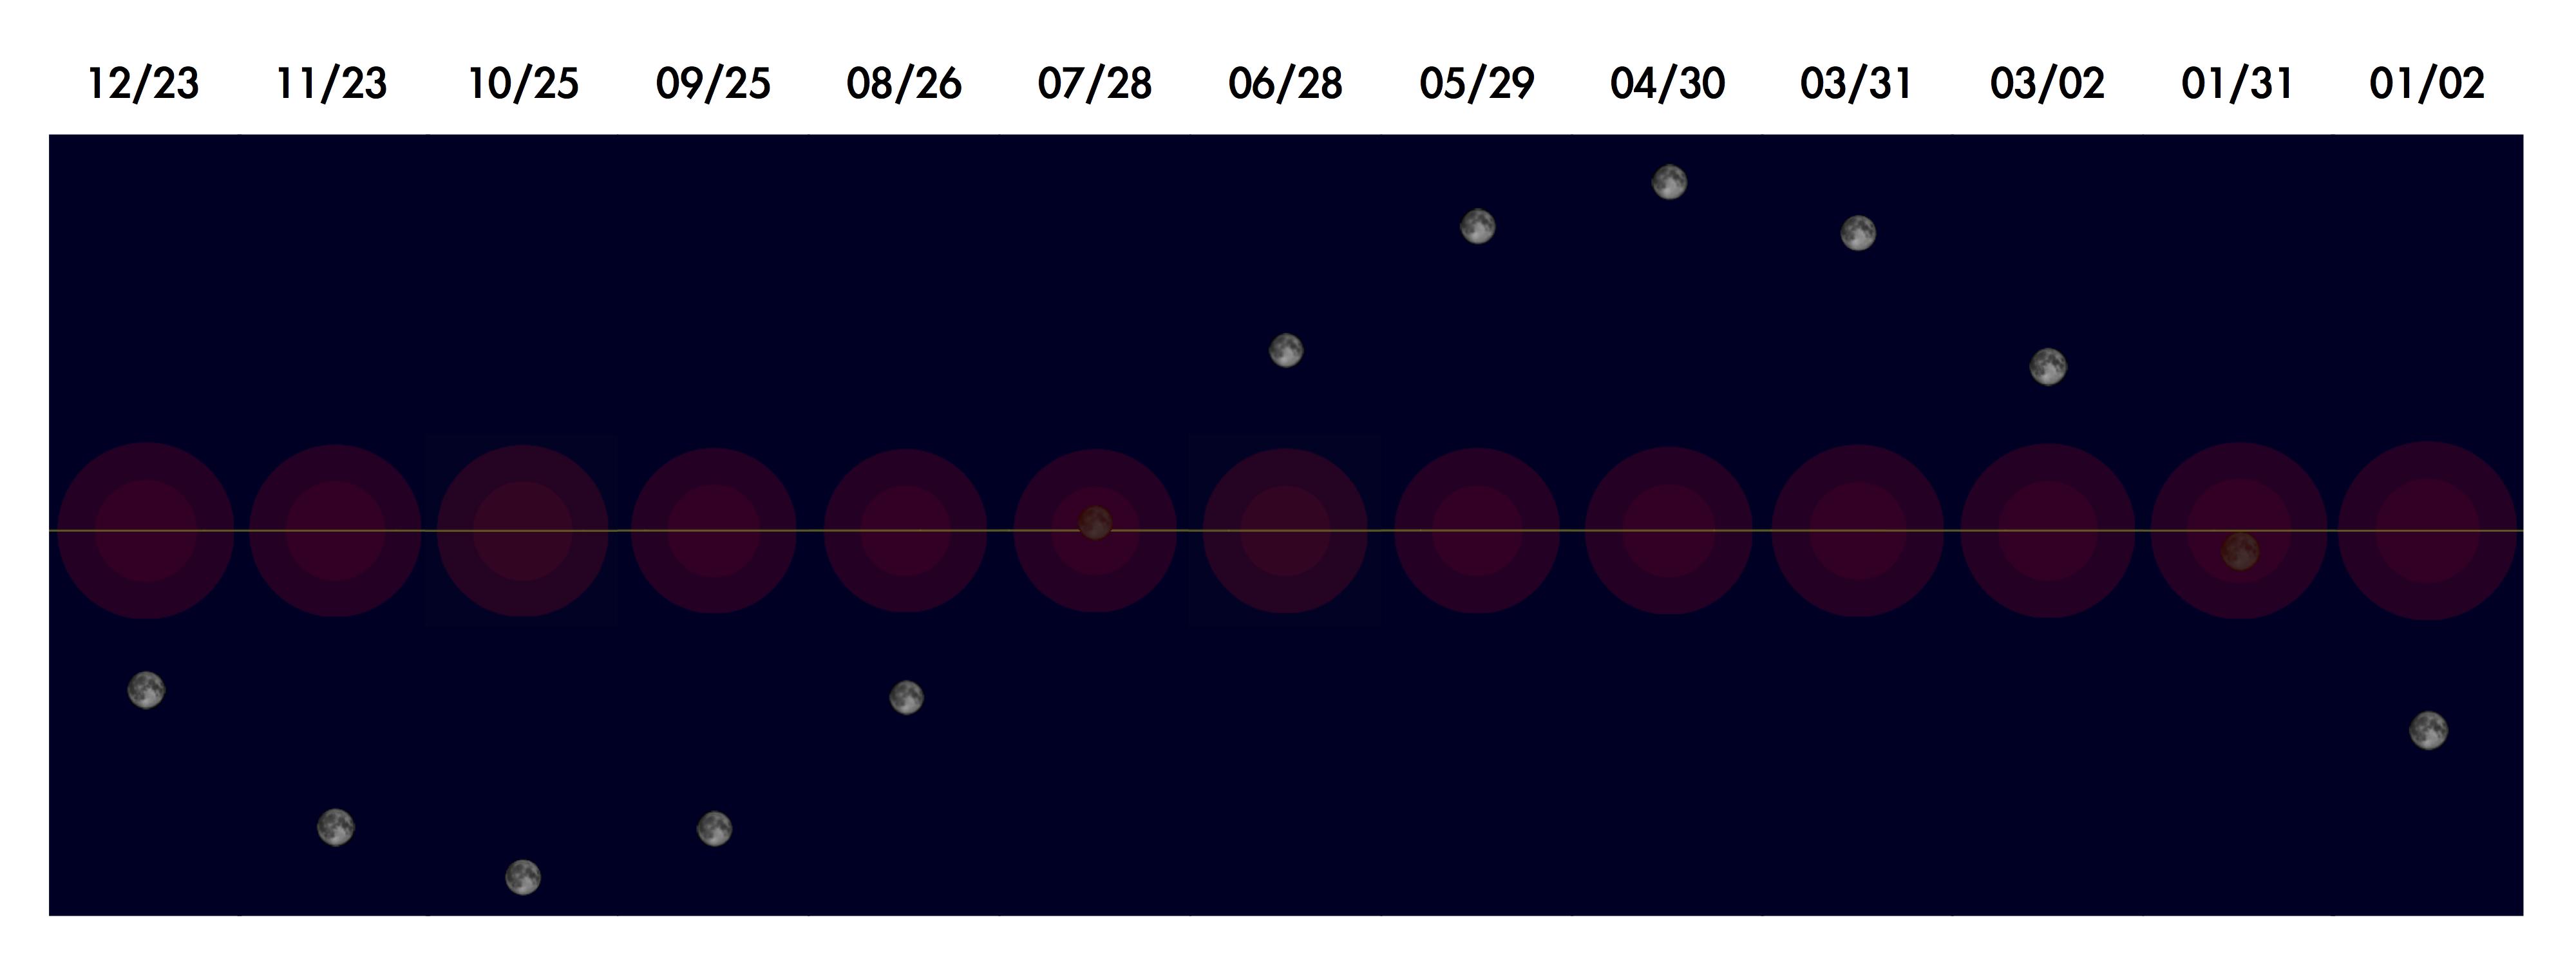 2018年地球的影子和滿月在天空中位置的變化,1月31日和7月28日的滿月發生月全食,其他時候滿月時都離地球影子一段距離,不會發生月食。紅色的部分是地球的影子,深紅色和紅色分別是本影和半影,中間的橫線是黃道。地球影子和月球依照比例繪製,但是相隔的兩次滿月實際上是相隔約30度。影像來源:skychart軟體製作